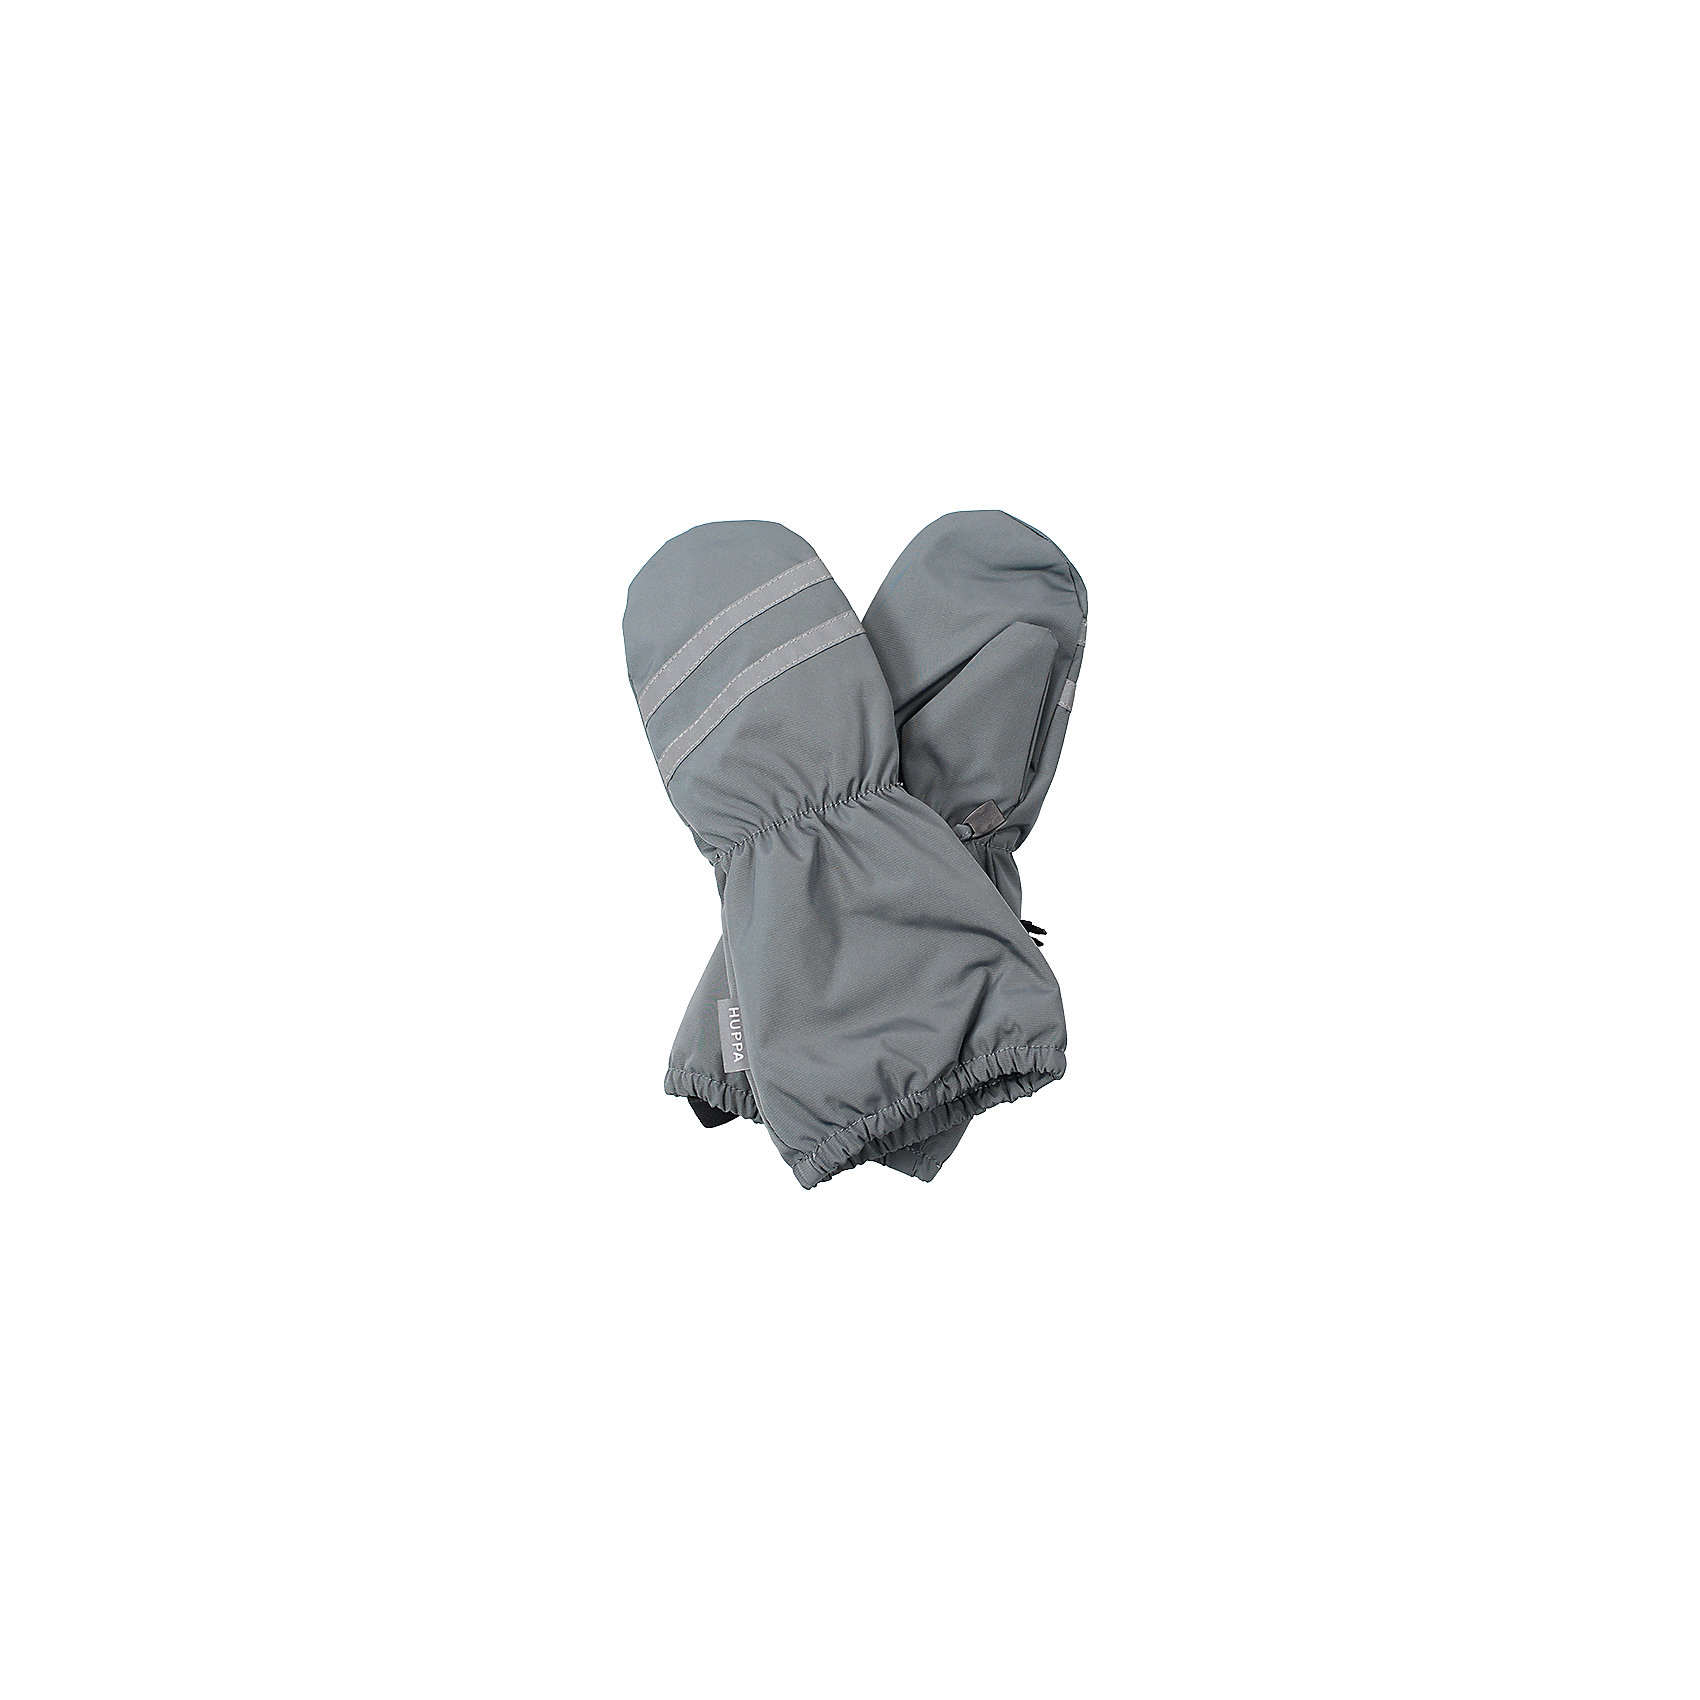 Варежки Kei для мальчика HuppaПерчатки, варежки<br>Характеристики товара:<br><br>• цвет: серый<br>• состав: 100% полиэстер<br>• подкладка: 100% полиэстер<br>• температурный режим: от 0°до +10°С<br>• водонепроницаемость: 10000 мм<br>• воздухопроницаемость: 10000 мм<br>• не продуваемые<br>• светоотражающие детали<br>• не промокаемые <br>• прочная ткань<br>• комфортная посадка<br>• страна бренда: Эстония<br><br>Эти варежки обеспечат детям тепло и комфорт в межсезонье. Они сделаны из материала, отталкивающего воду, поэтому изделие идеально подходит для межсезонья. Материал изделия - с мембранной технологией: защищая от влаги и ветра, он легко выводит лишнюю влагу наружу. Варежки очень симпатично смотрятся. Модель была разработана специально для детей.<br><br>Одежда и обувь от популярного эстонского бренда Huppa - отличный вариант одеть ребенка можно и комфортно. Вещи, выпускаемые компанией, качественные, продуманные и очень удобные. Для производства изделий используются только безопасные для детей материалы. Продукция от Huppa порадует и детей, и их родителей!<br><br>Варежки KEI от бренда Huppa (Хуппа) можно купить в нашем интернет-магазине.<br><br>Ширина мм: 162<br>Глубина мм: 171<br>Высота мм: 55<br>Вес г: 119<br>Цвет: серый<br>Возраст от месяцев: 12<br>Возраст до месяцев: 24<br>Пол: Мужской<br>Возраст: Детский<br>Размер: 2,1,3,5,4<br>SKU: 4595682